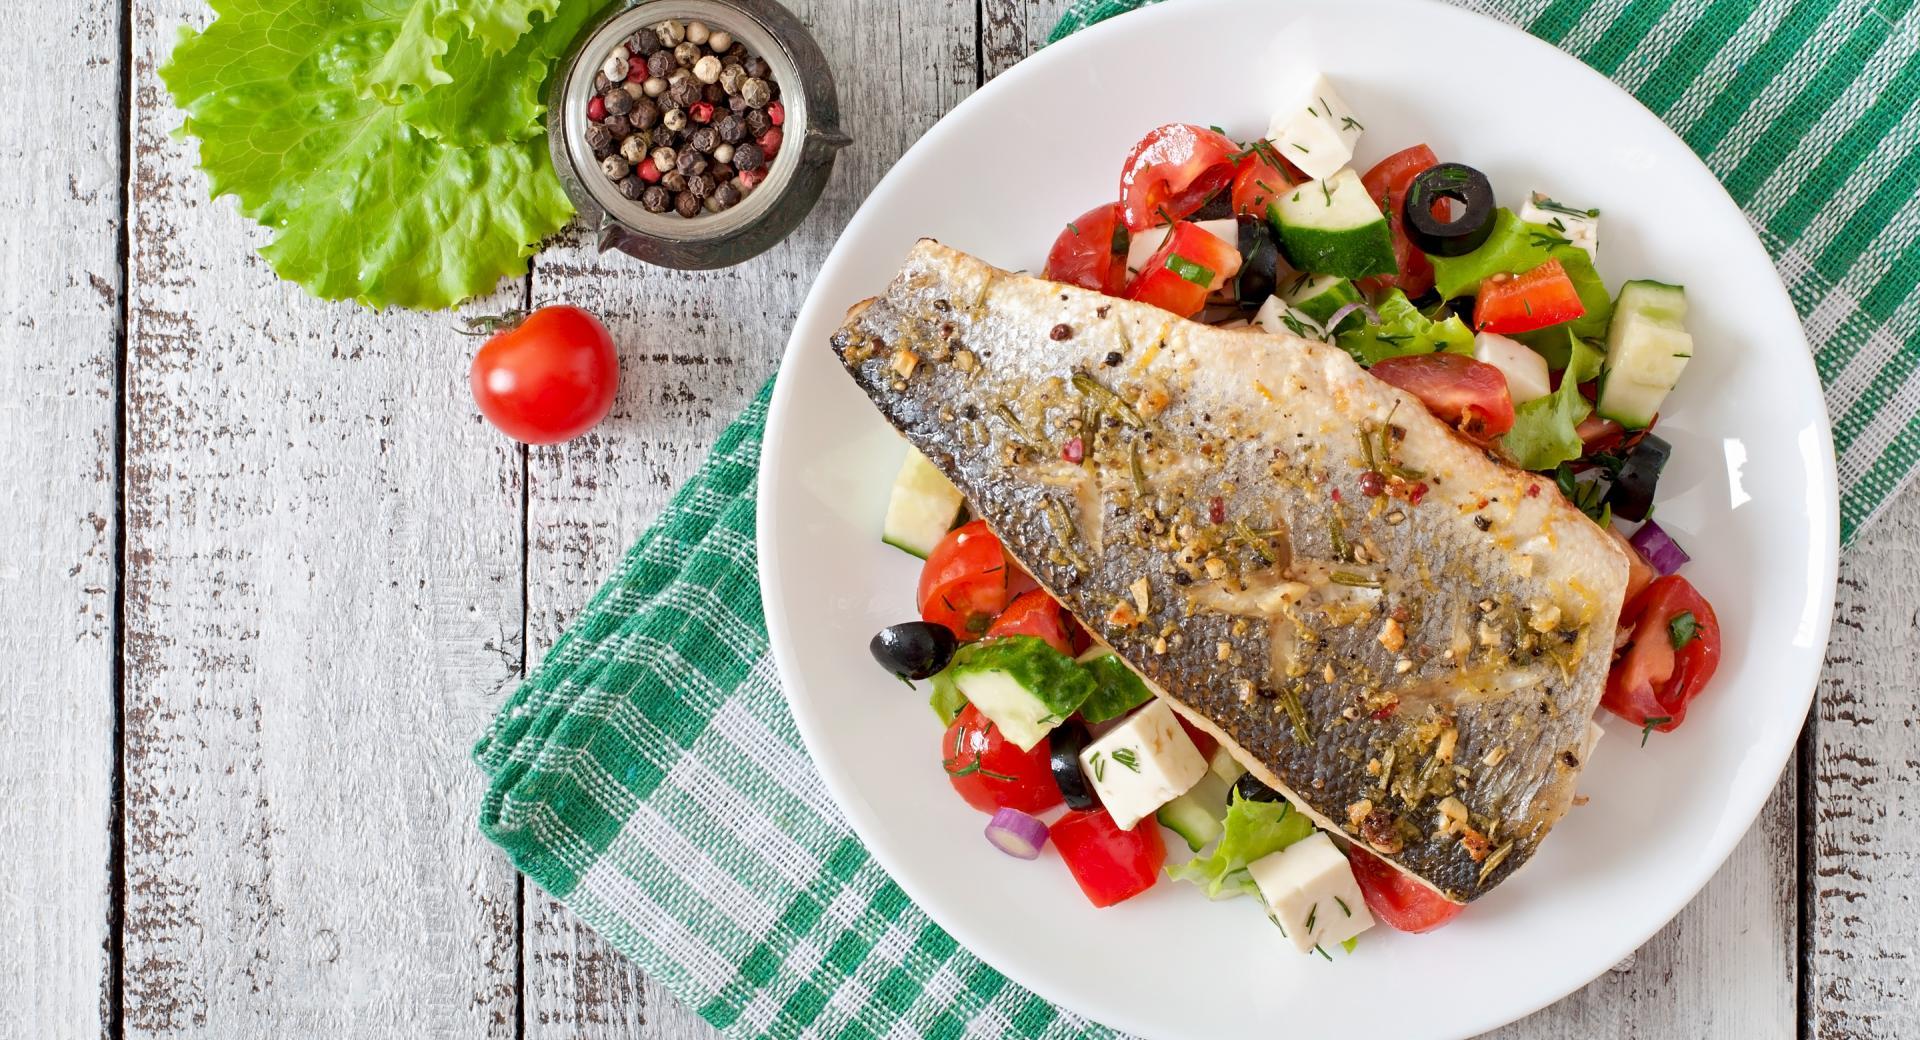 Filete de pescado con piel